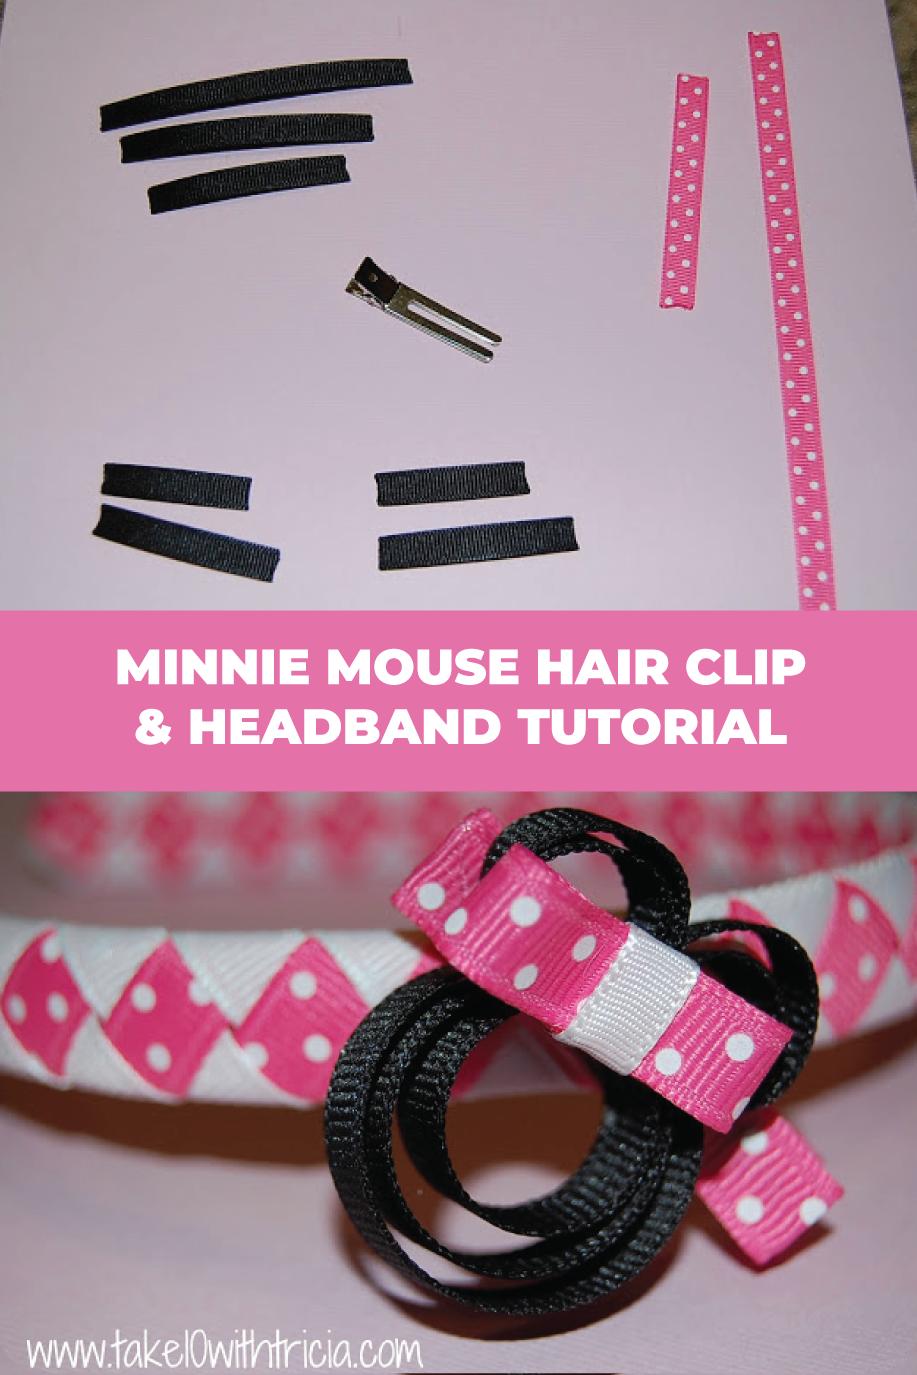 DIY Minnie Mouse Hair Clip & Headband